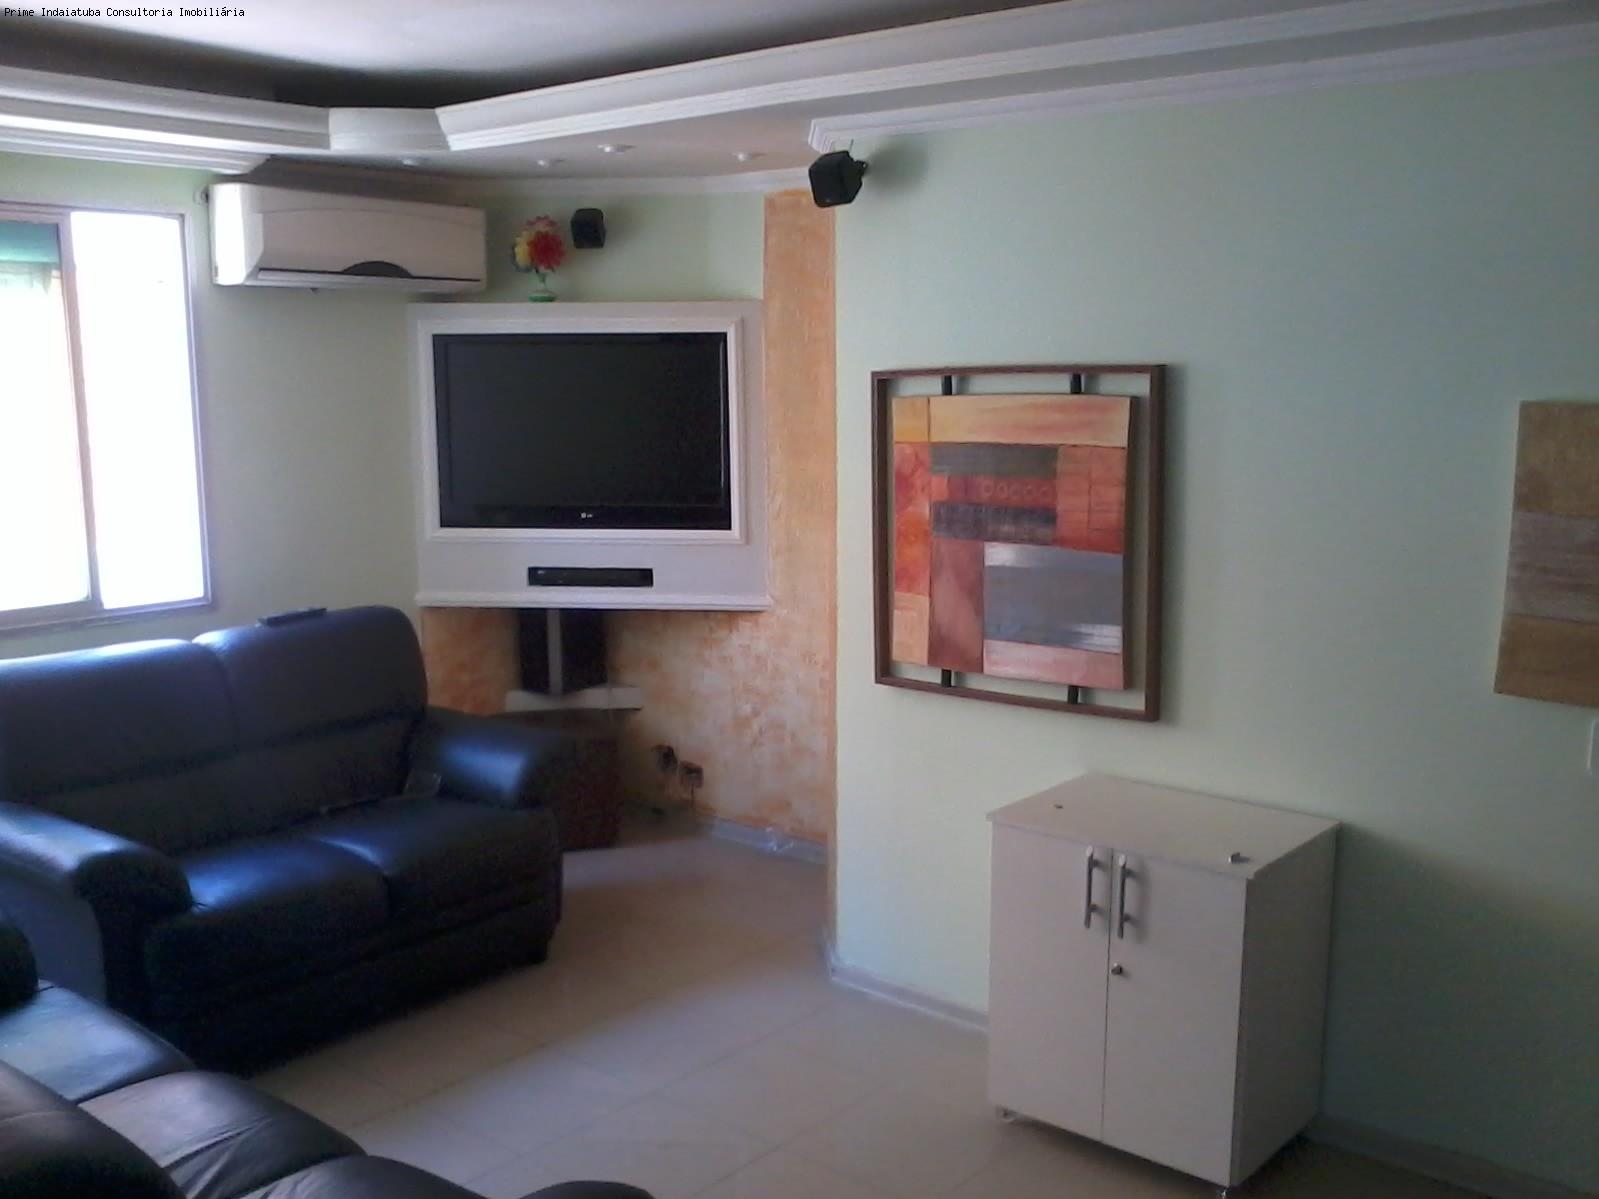 comprar ou alugar apartamento no bairro praia da enseada na cidade de guaruja-sp